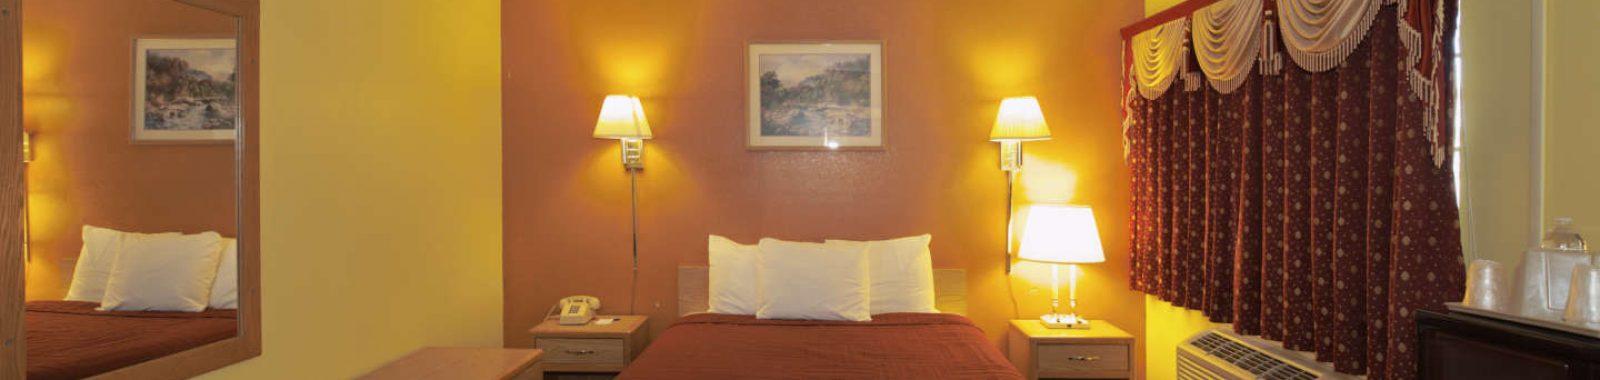 Queen Room in Winnemucca